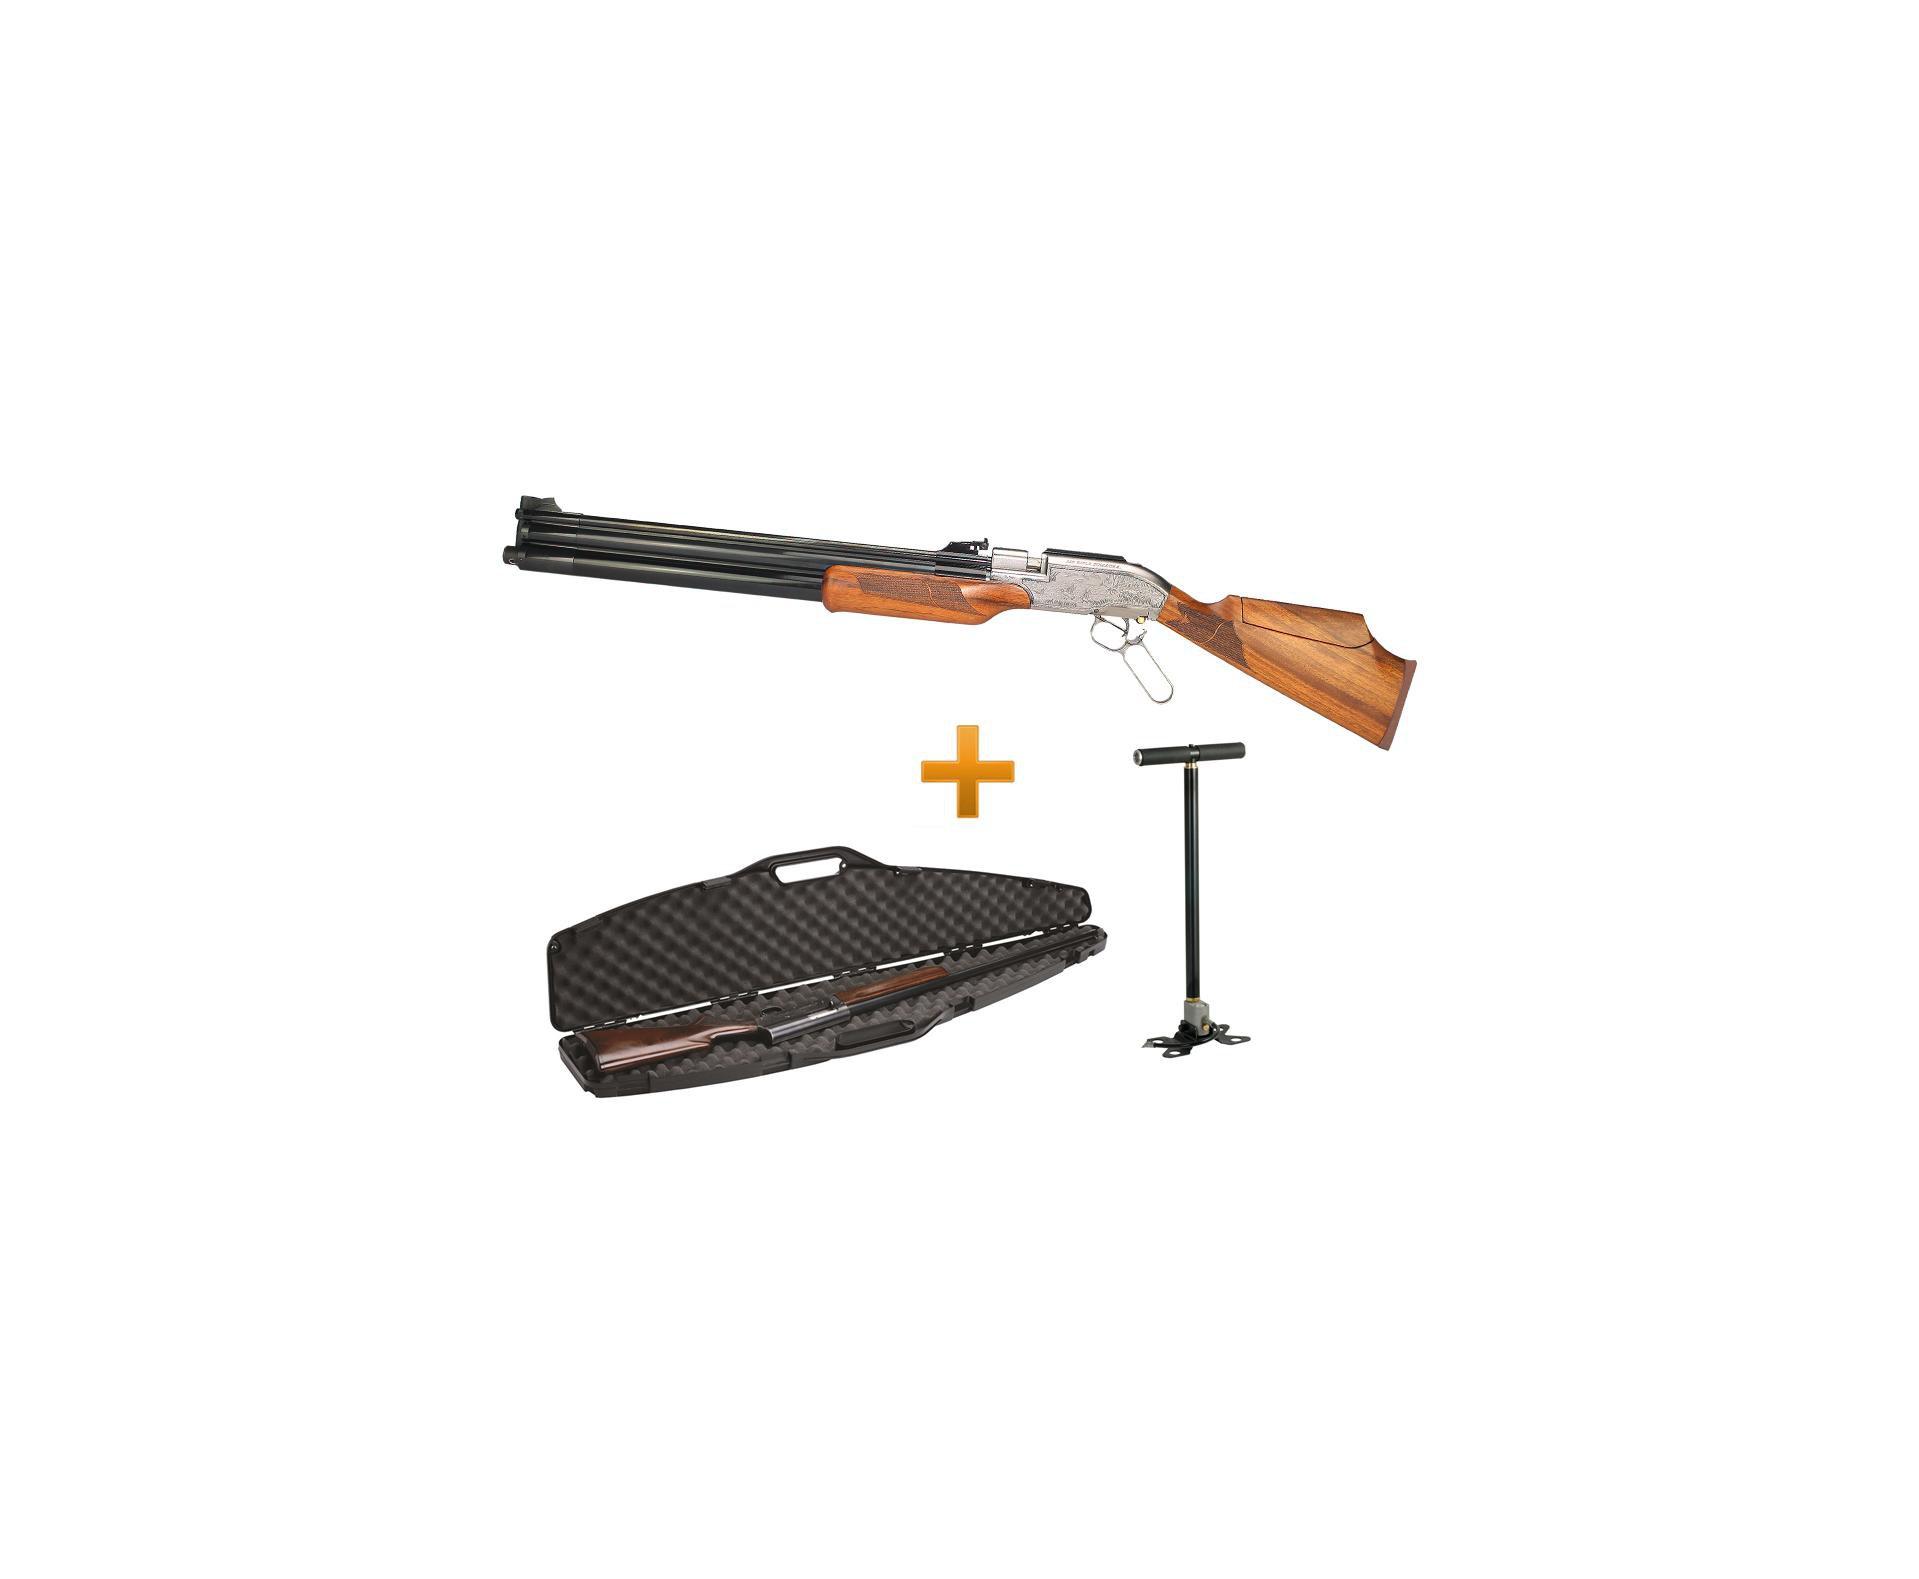 Carabina Pcp Sumatra 500 + Case + Bomba Pneumática